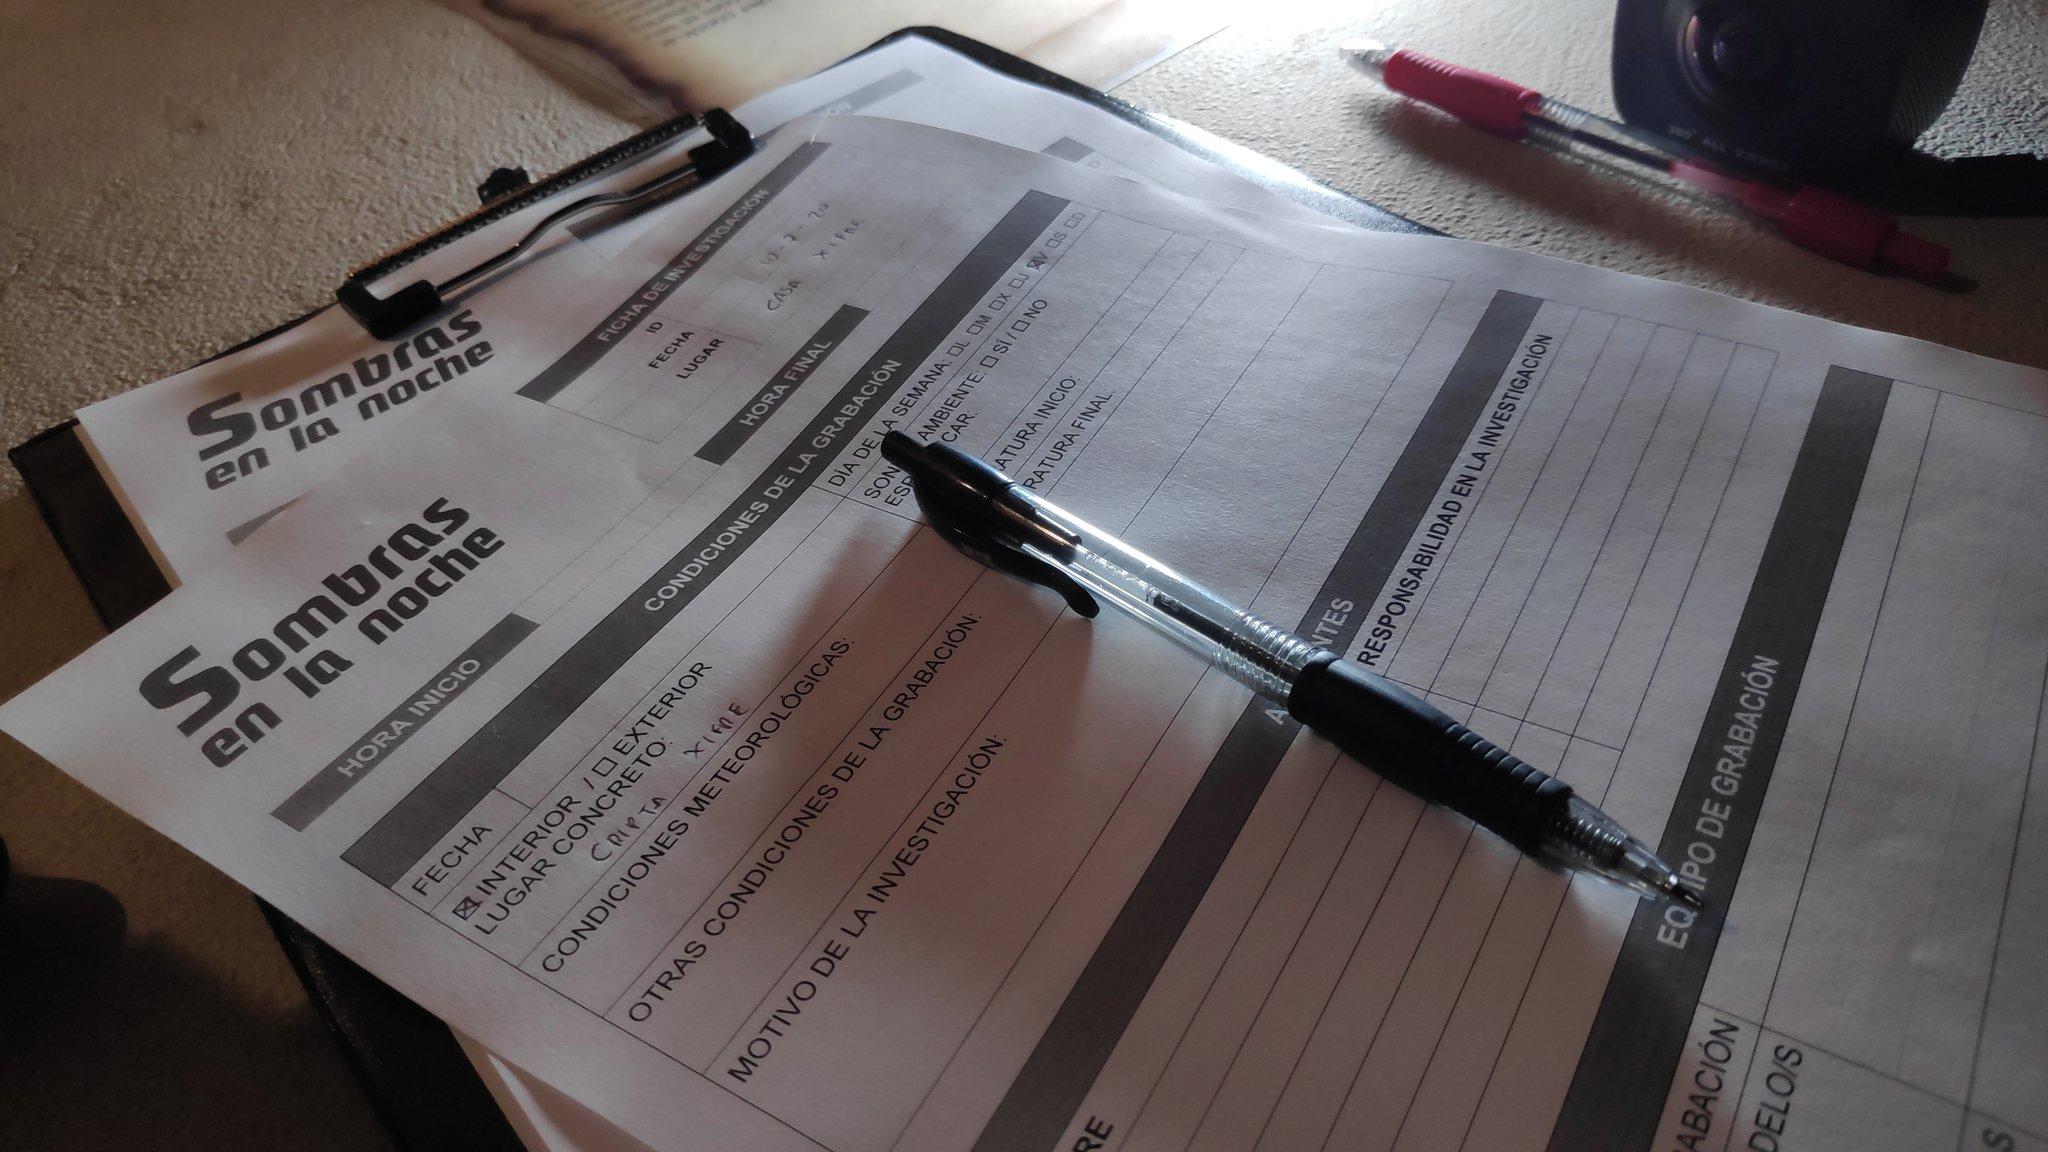 Registros por escrito del avance de la investigación. Crédito: Sombras en la noche